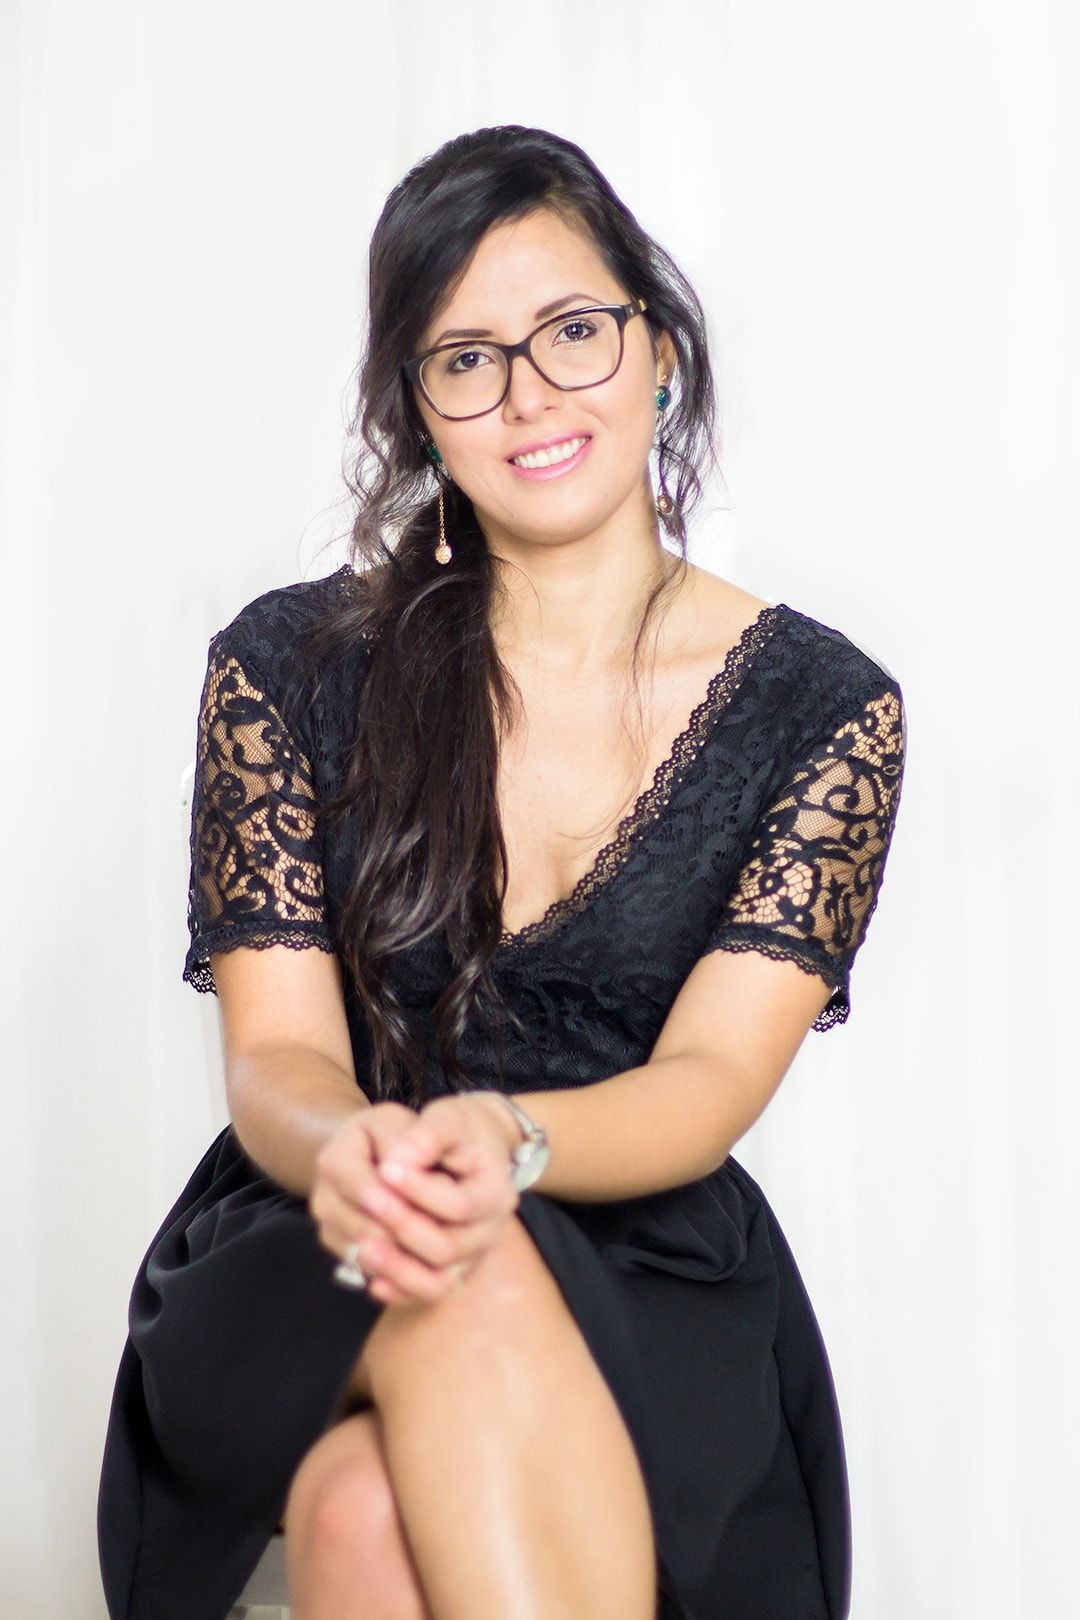 Karla Caloca: Servicios de diseño de identidad y web para emprendedores y creativos